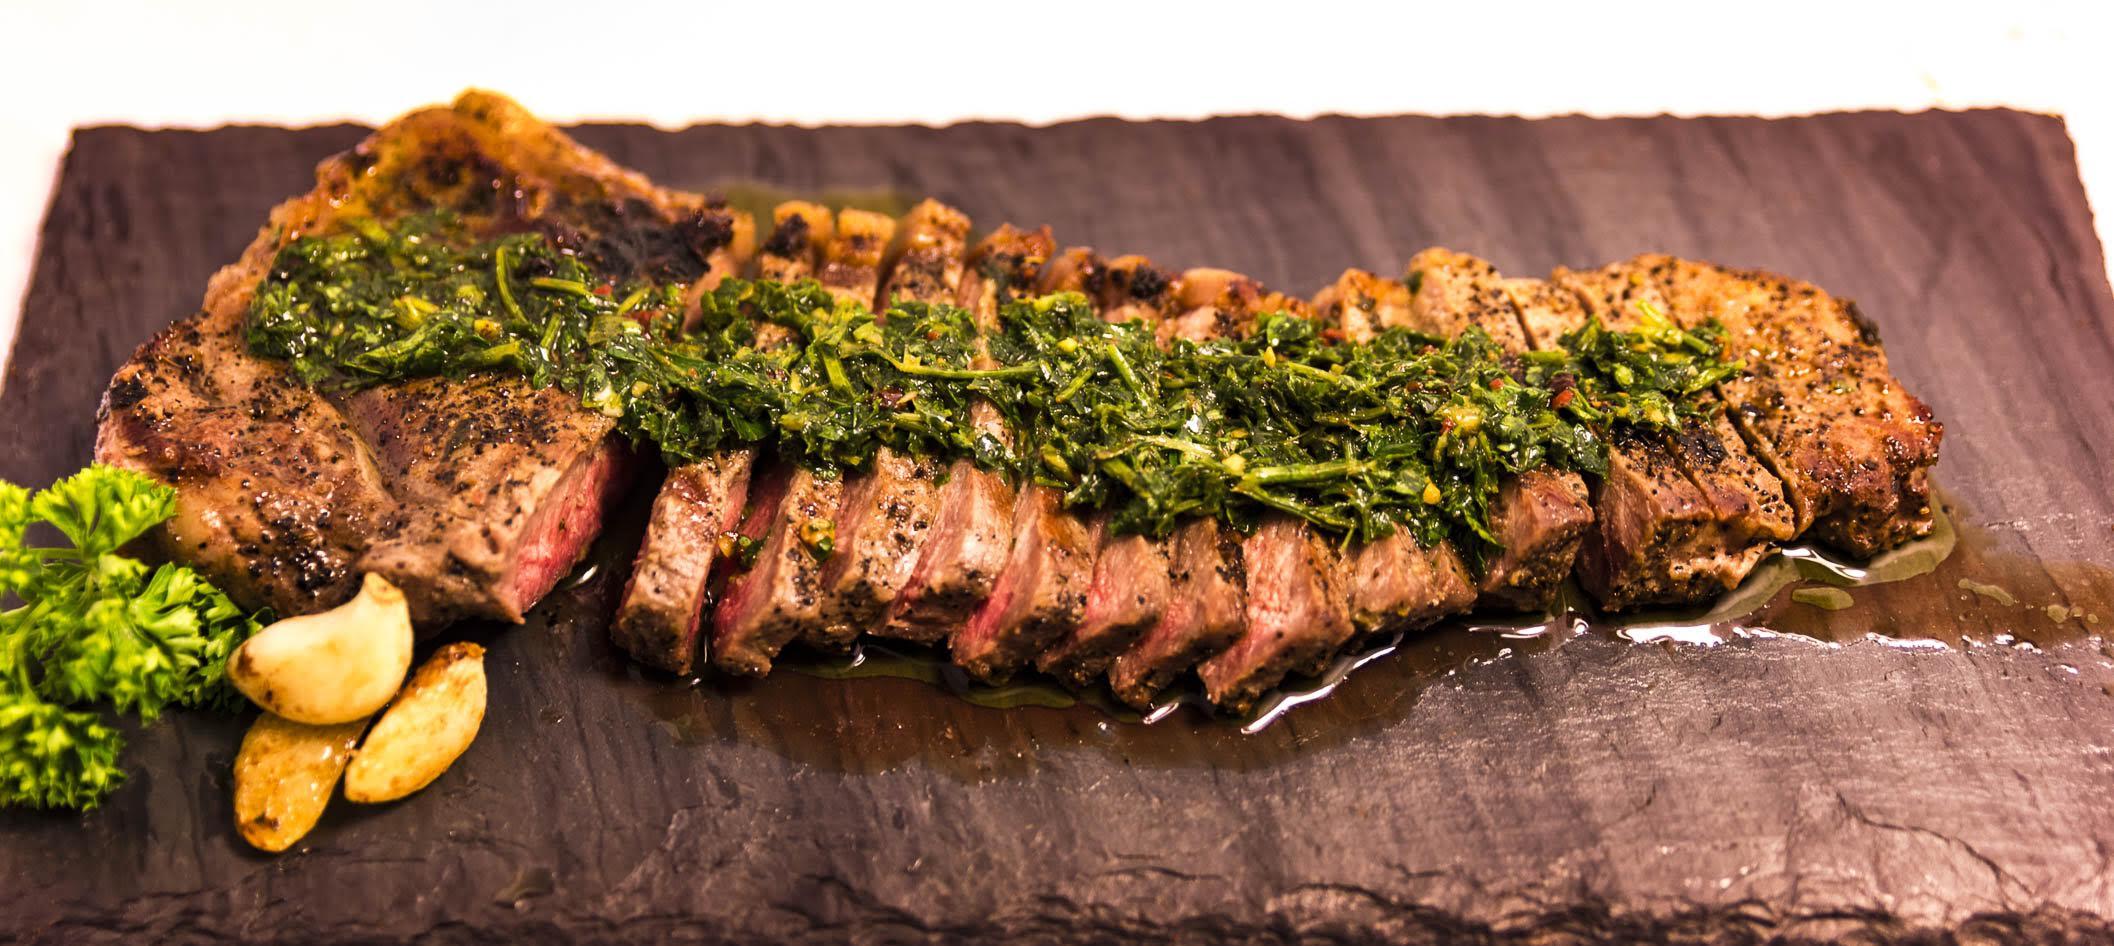 Roasterie Rubbed Strip Steak